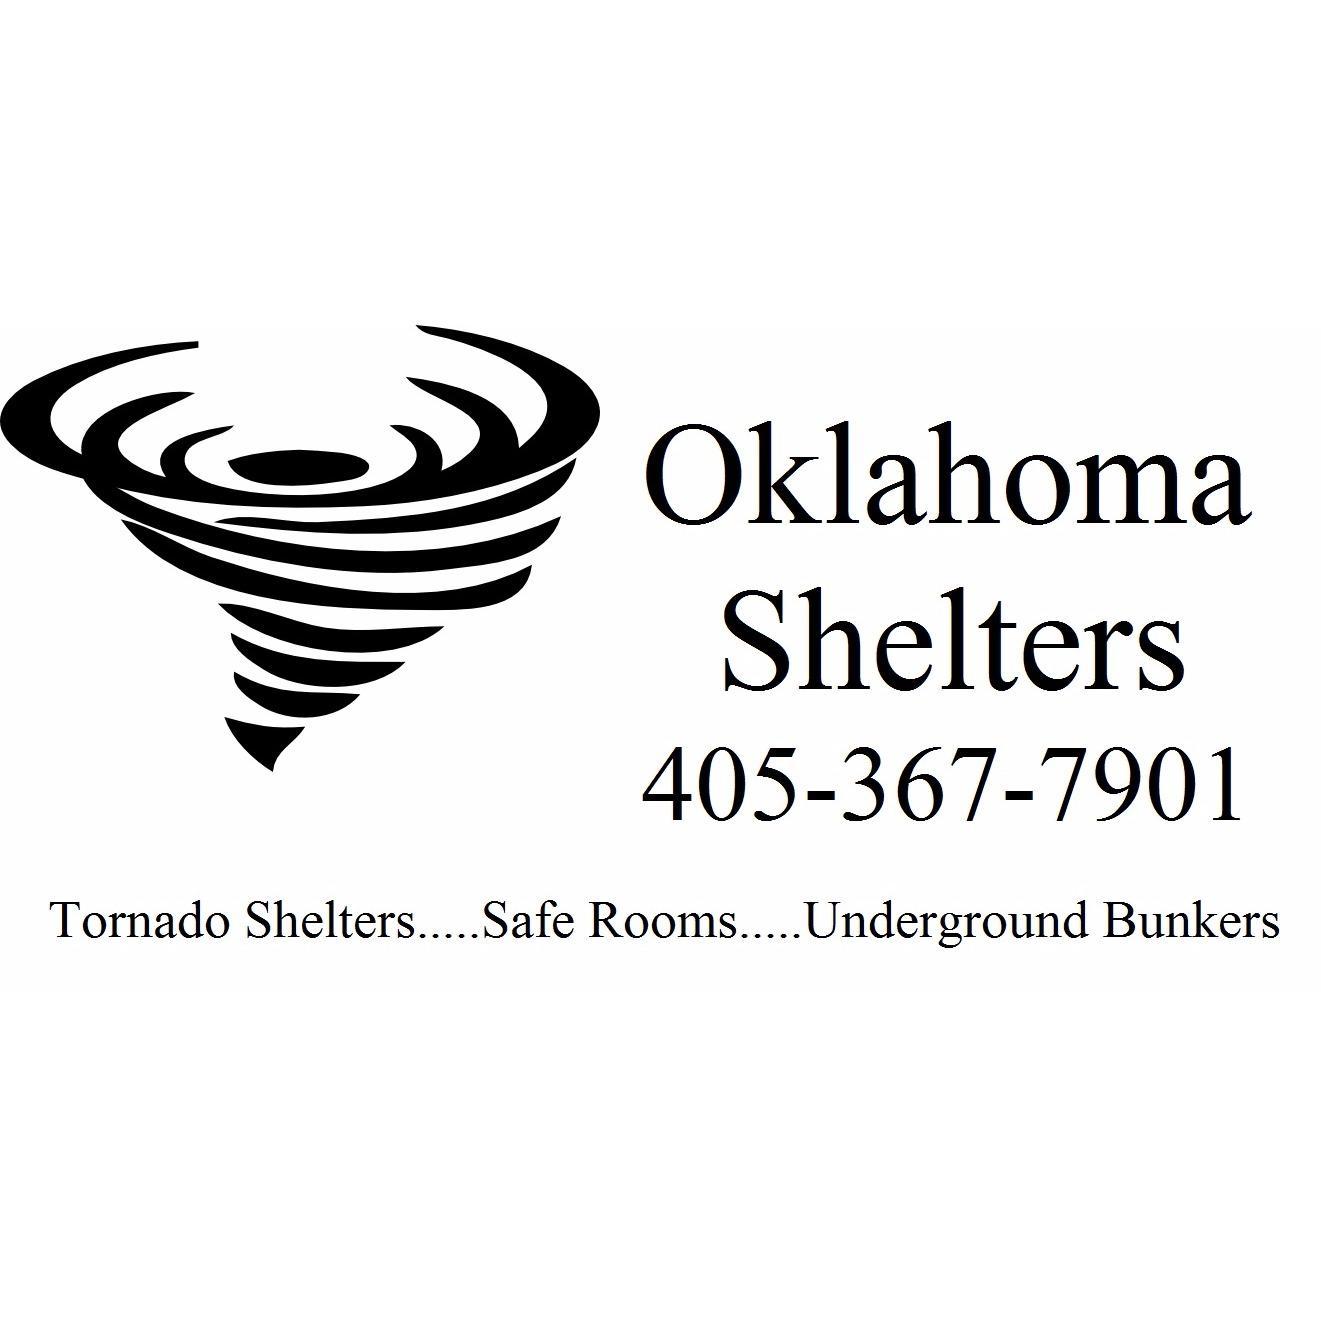 Oklahoma Shelters image 5